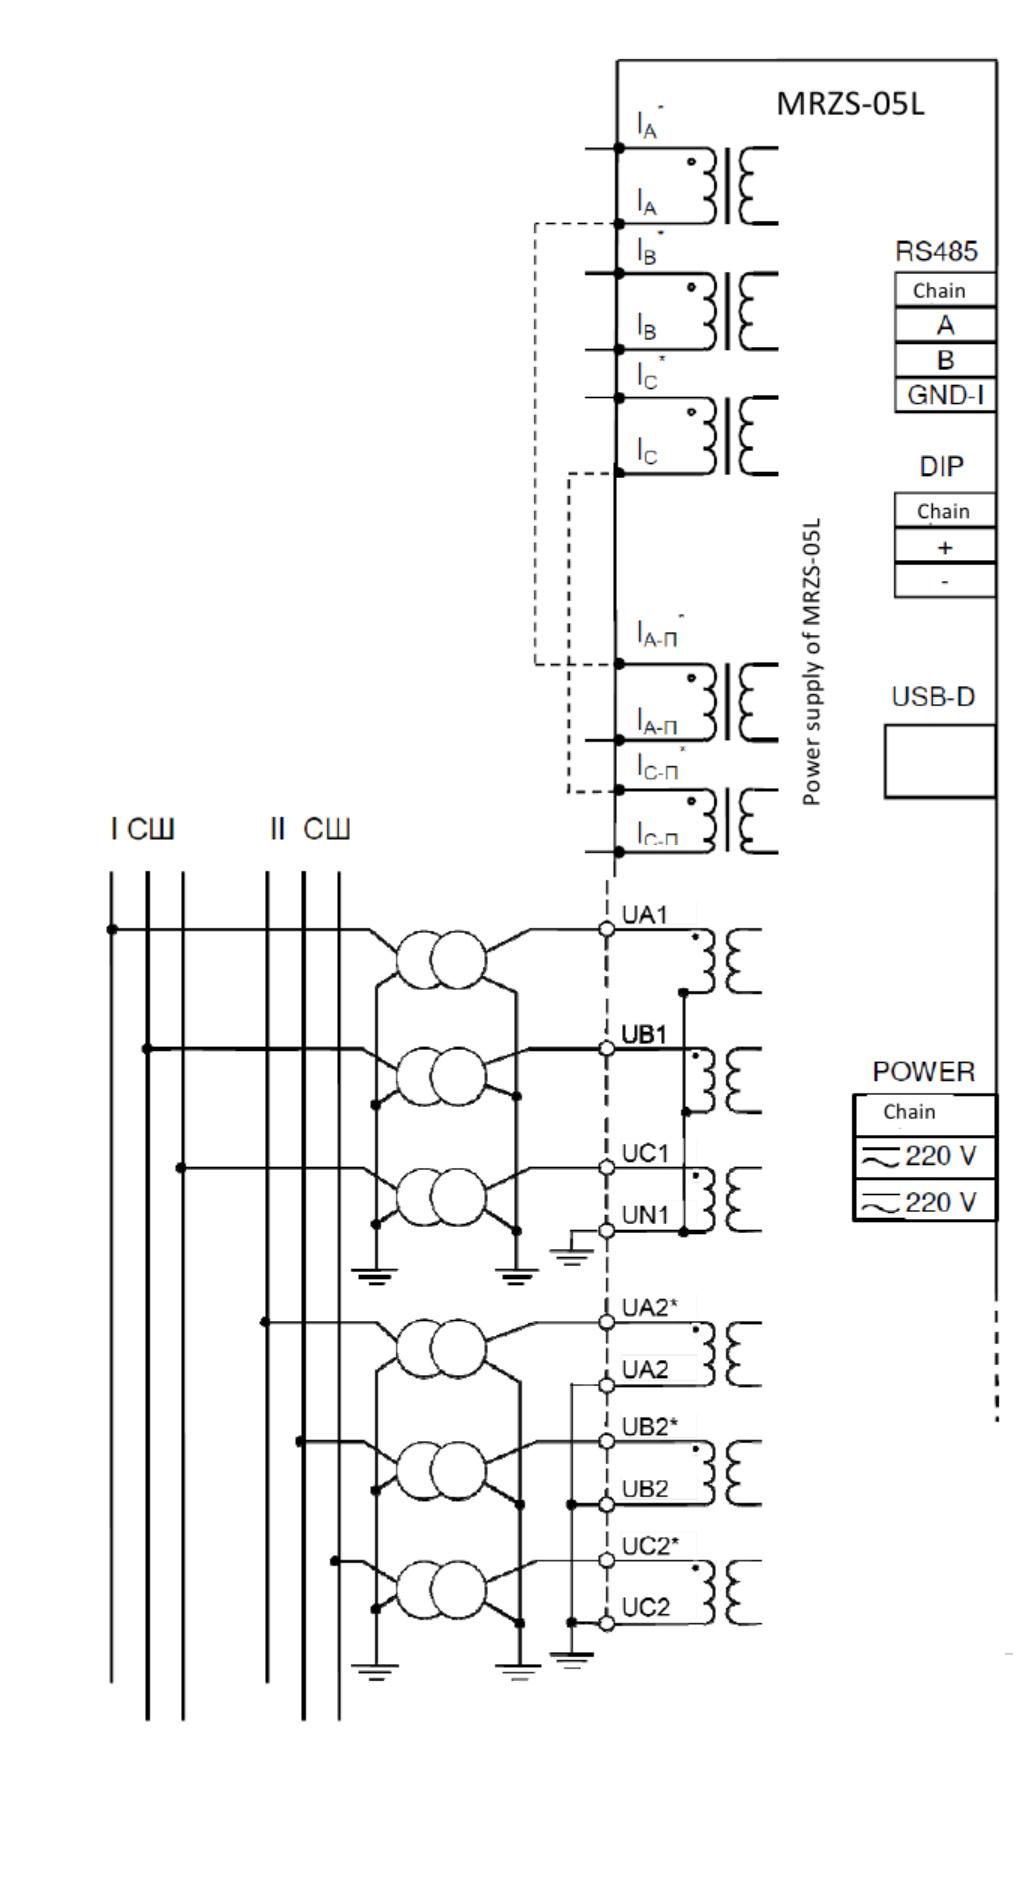 схема підключення MРЗС-05Л AIAР.466452.001-12.2(-32.2) str.1